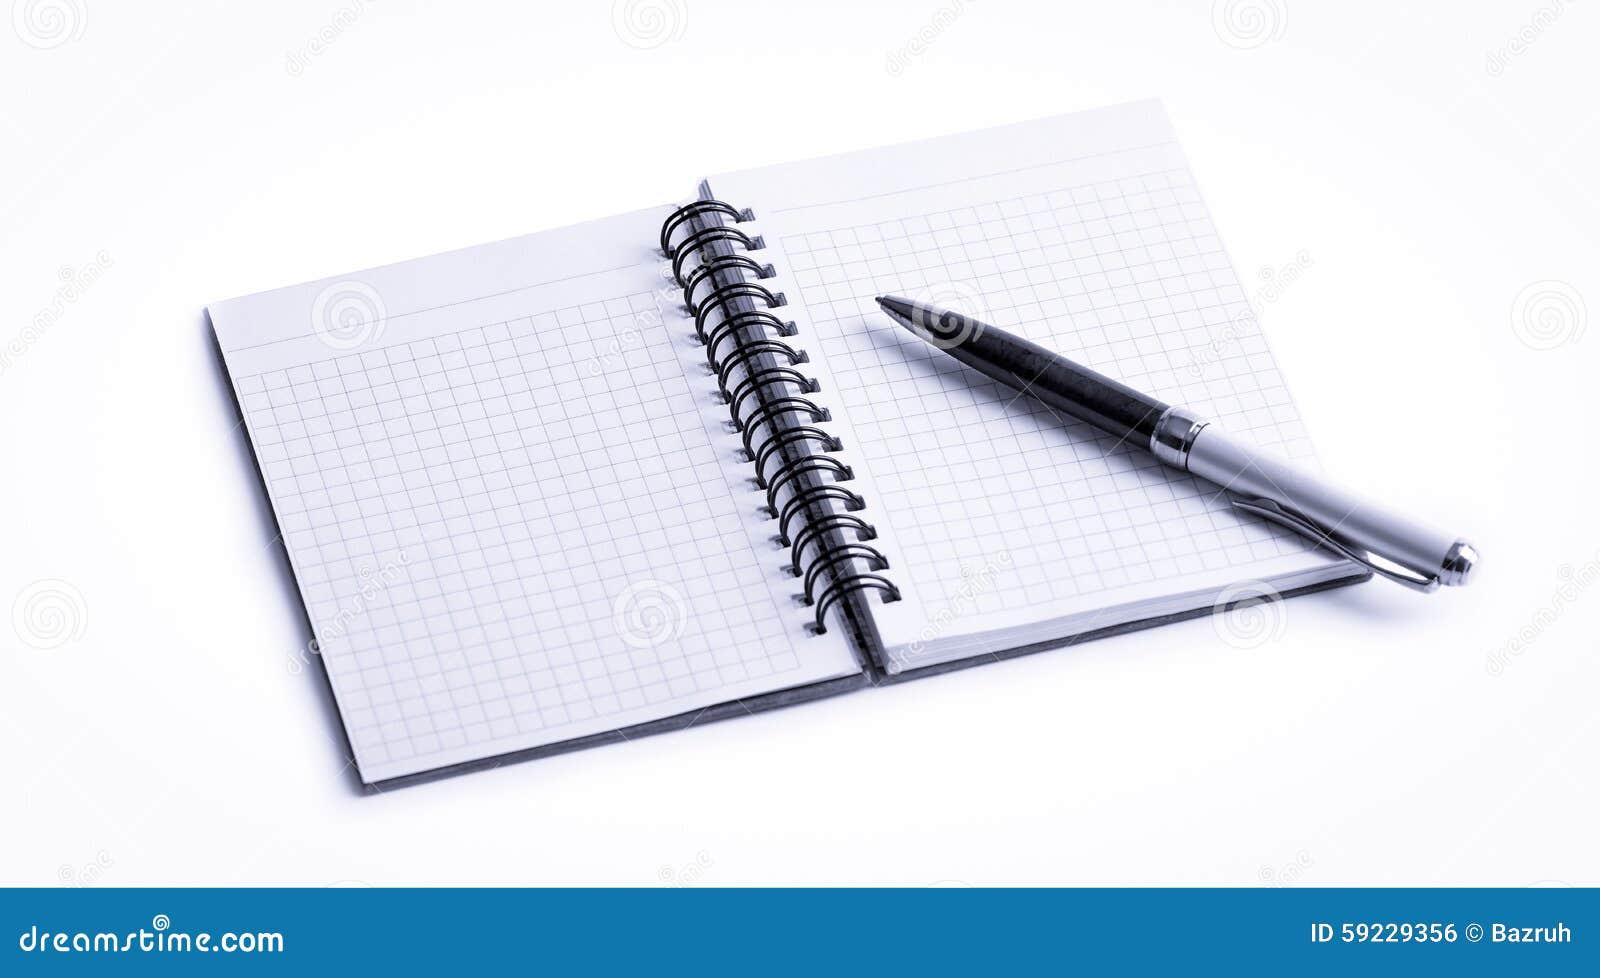 Download Diario y pluma foto de archivo. Imagen de nota, expediente - 59229356